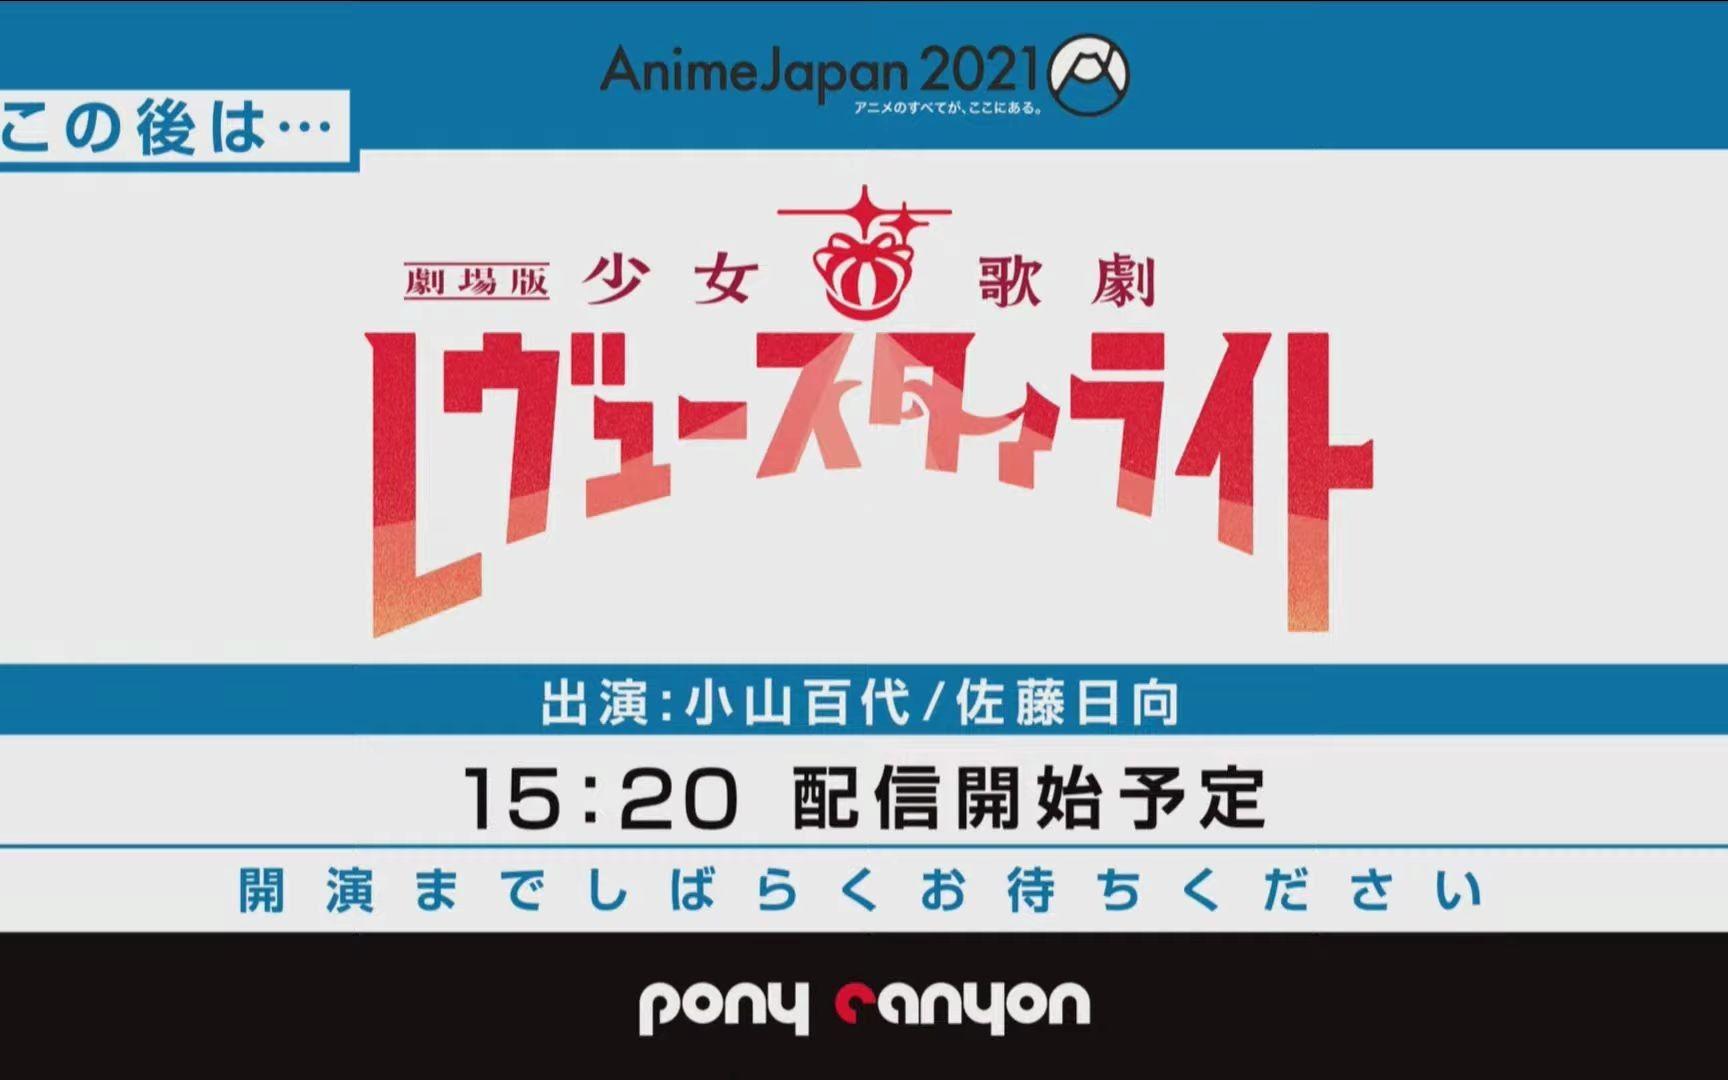 「少女歌剧」AnimeJapan 2021舞台